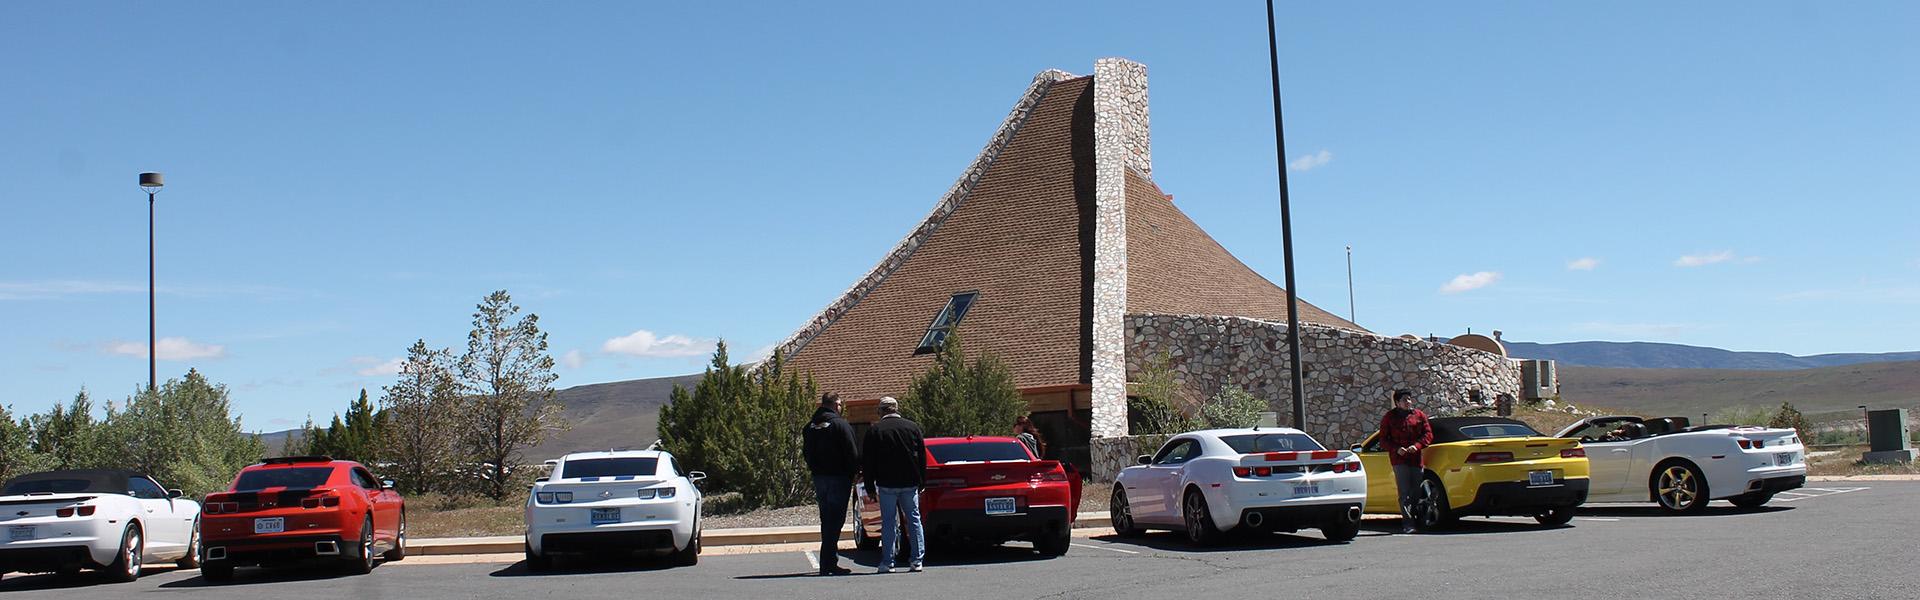 museum, visitor, exterior